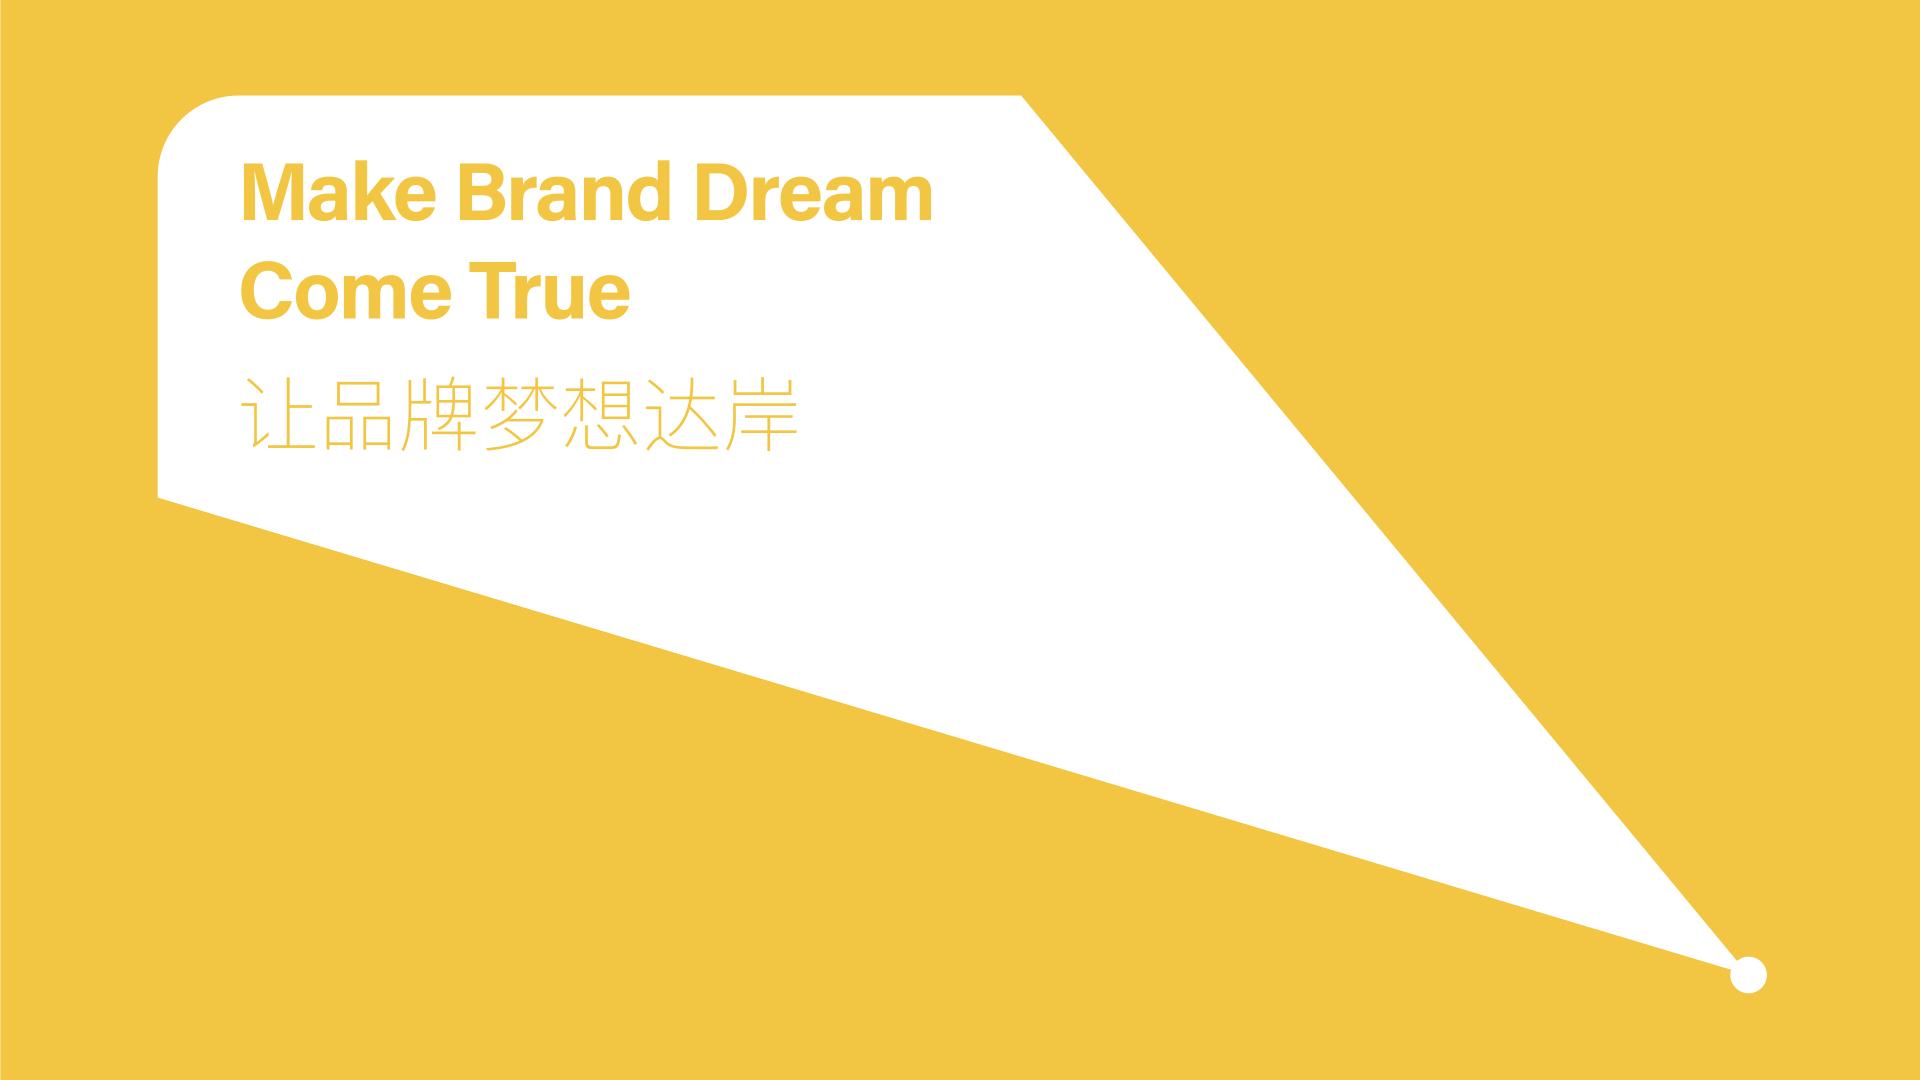 【公司-企业介绍】达岸品牌营销机构20200526.001